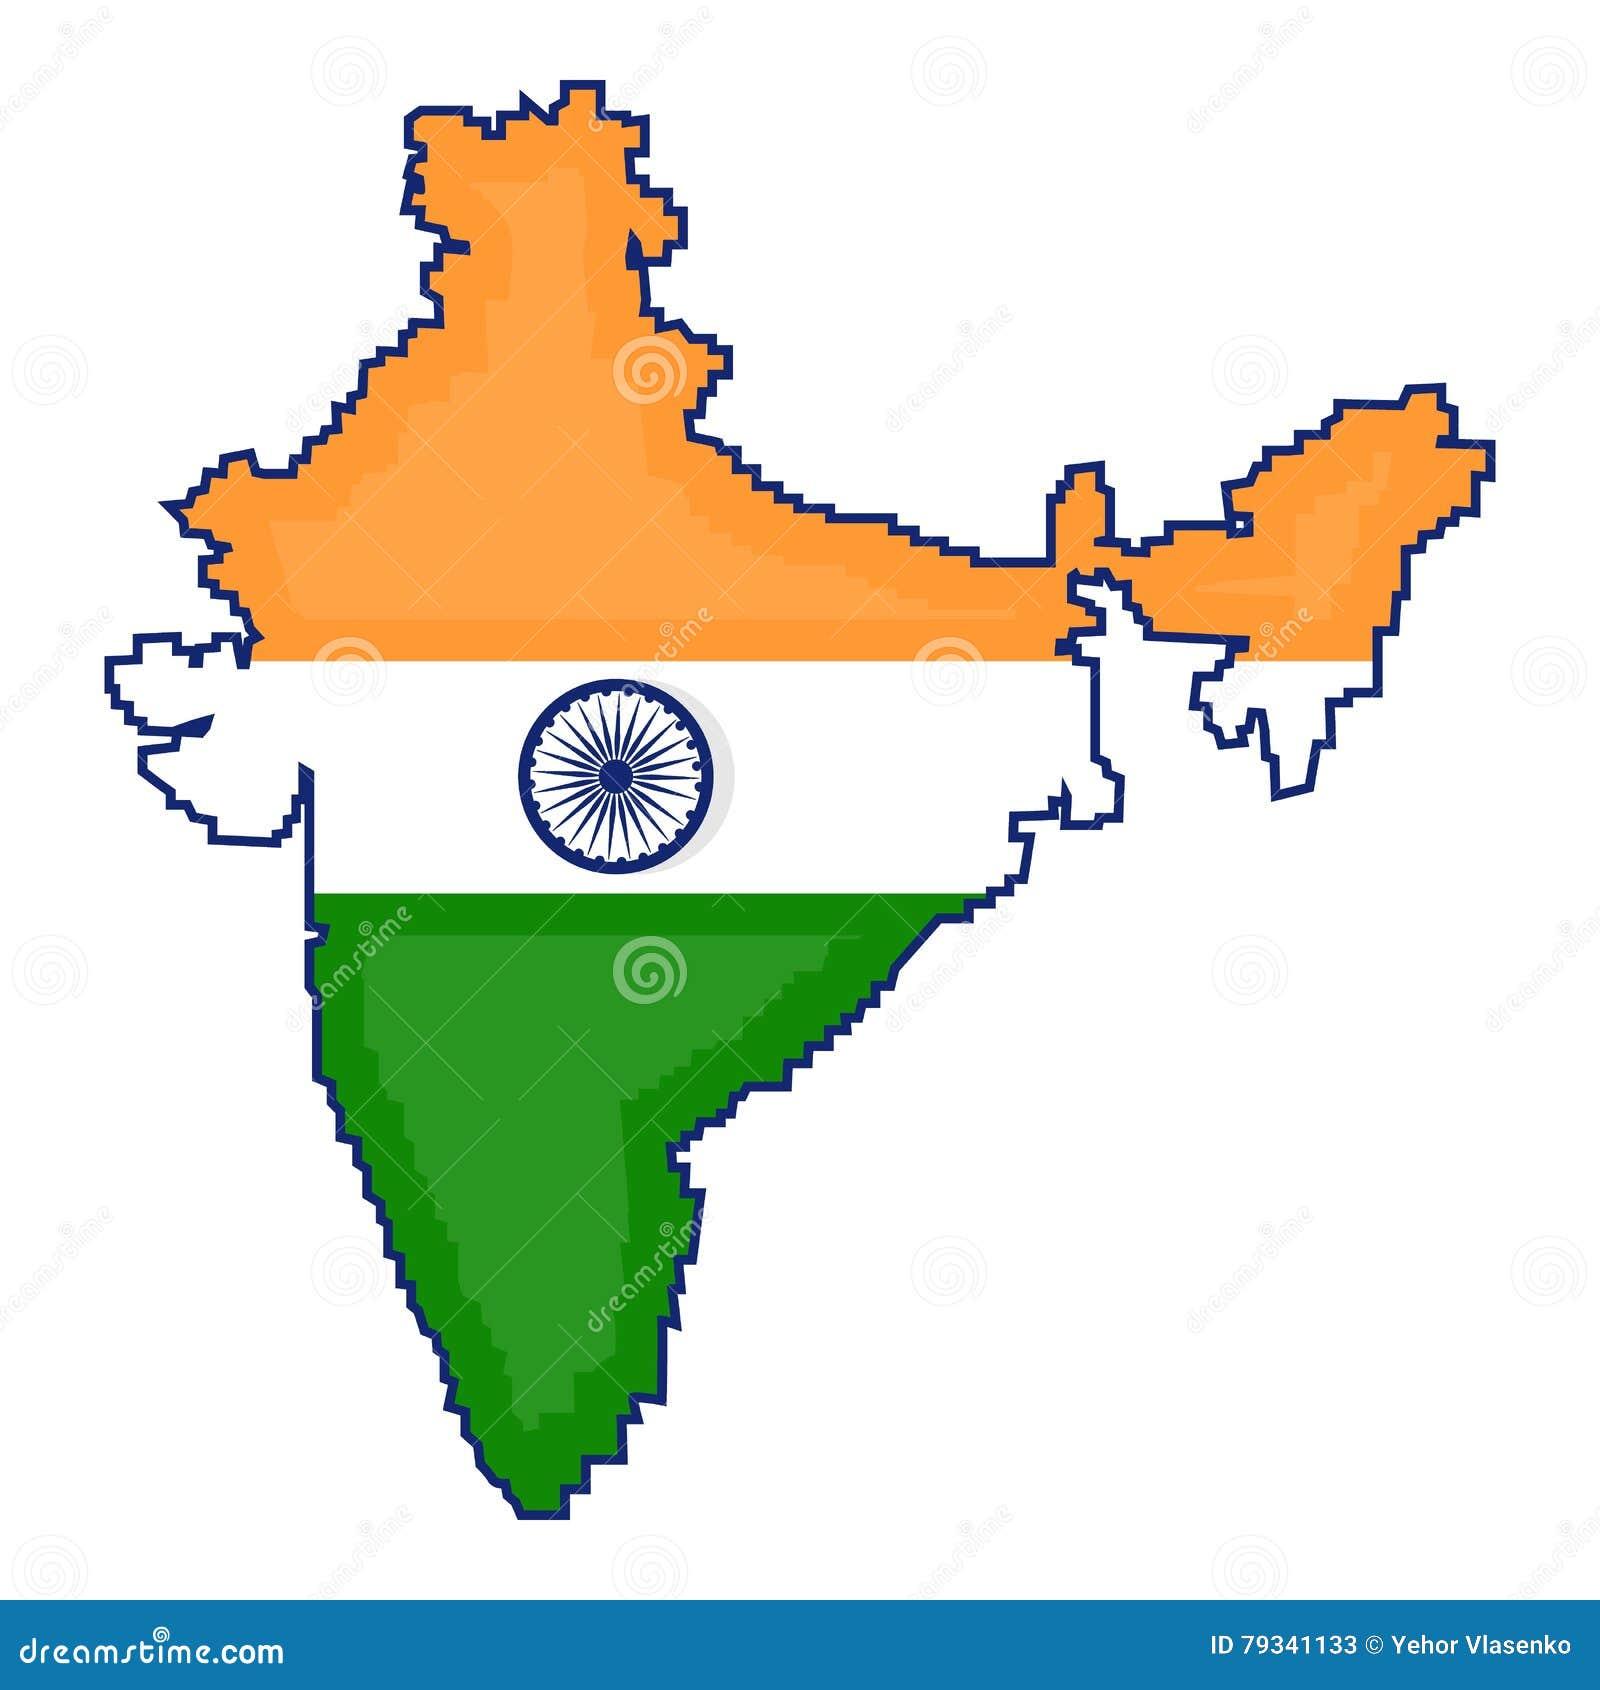 Bahrain To India Travel Time